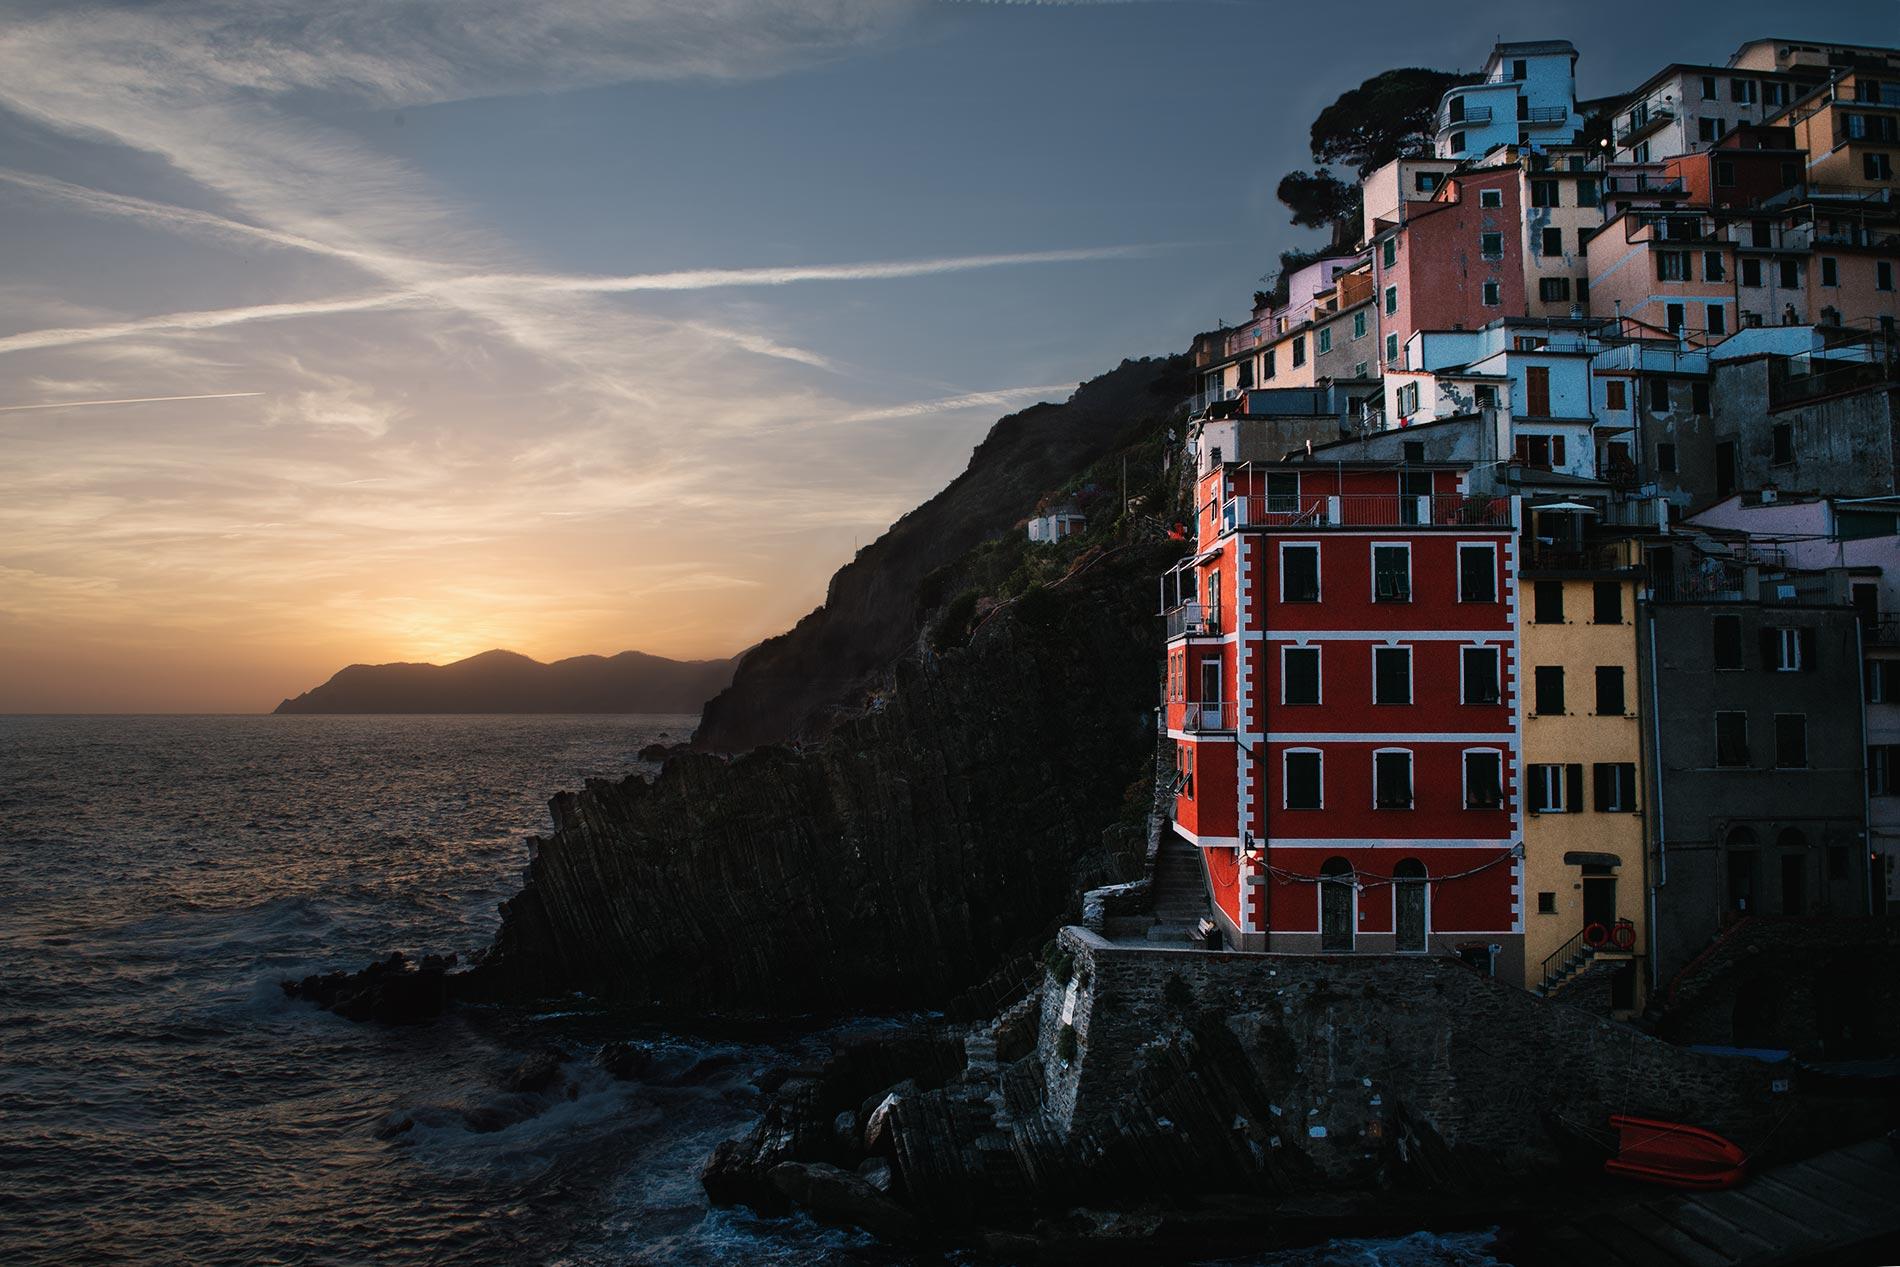 Cinque Terre, Riomaggiore, Italy by Jason Jean